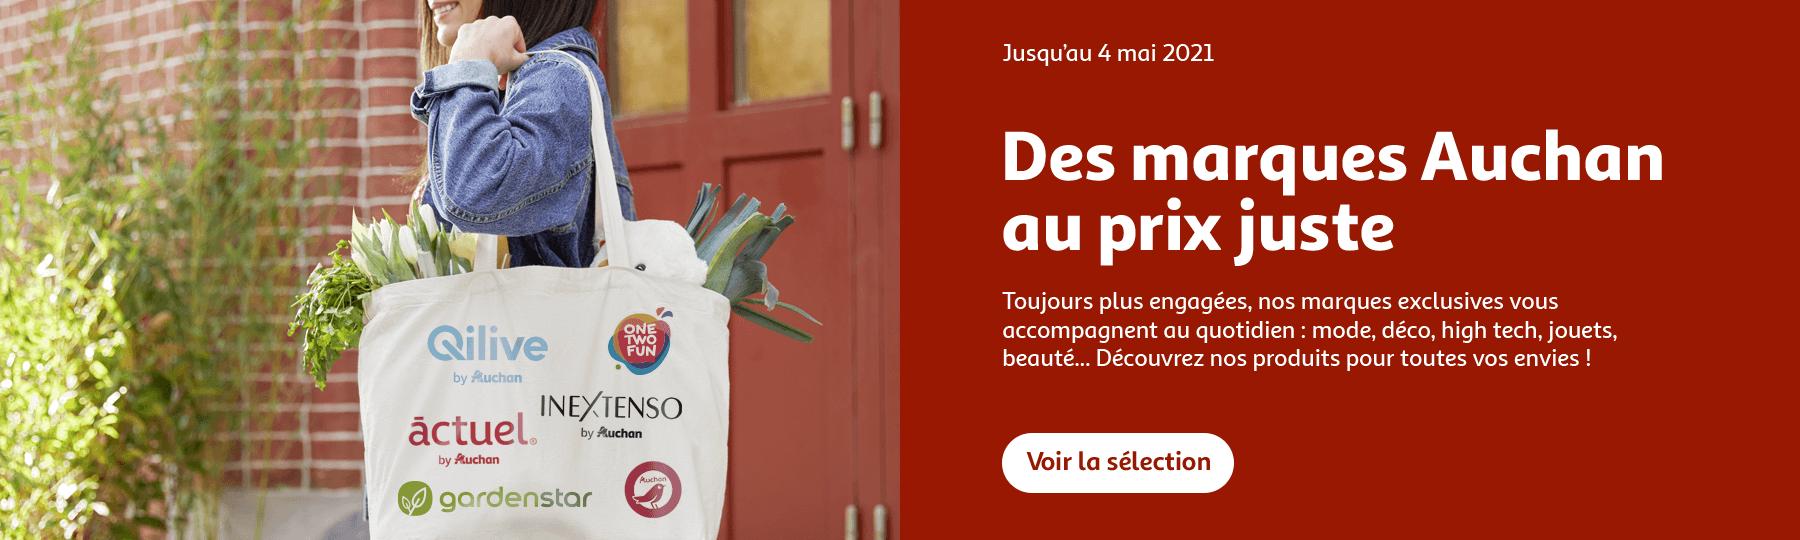 Des marques Auchan au prix juste, jusqu'au 4 mai 2021